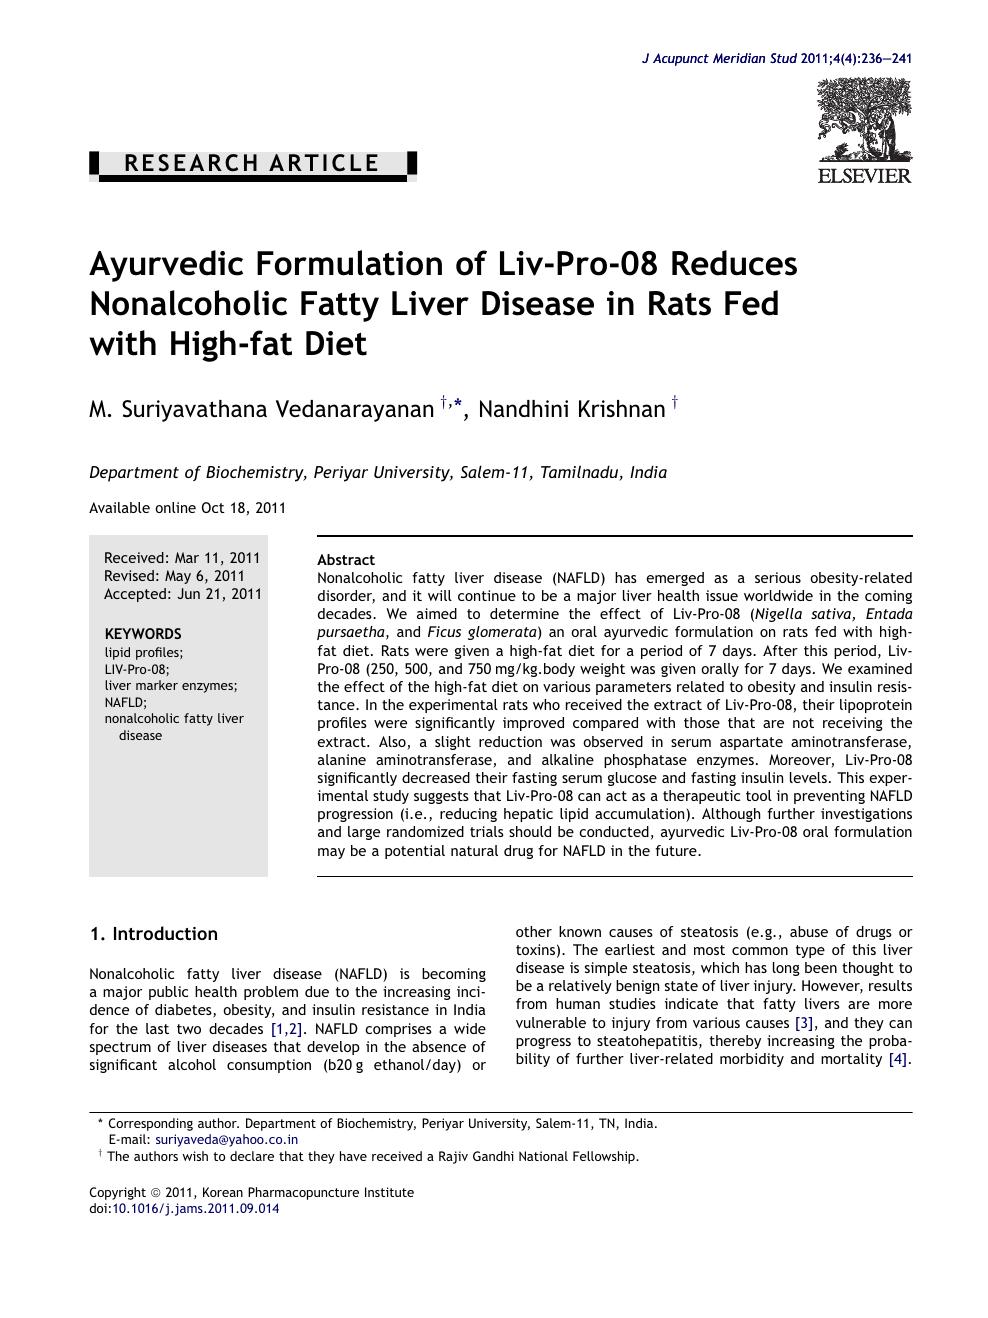 Ayurvedic Formulation of Liv-Pro-08 Reduces Nonalcoholic